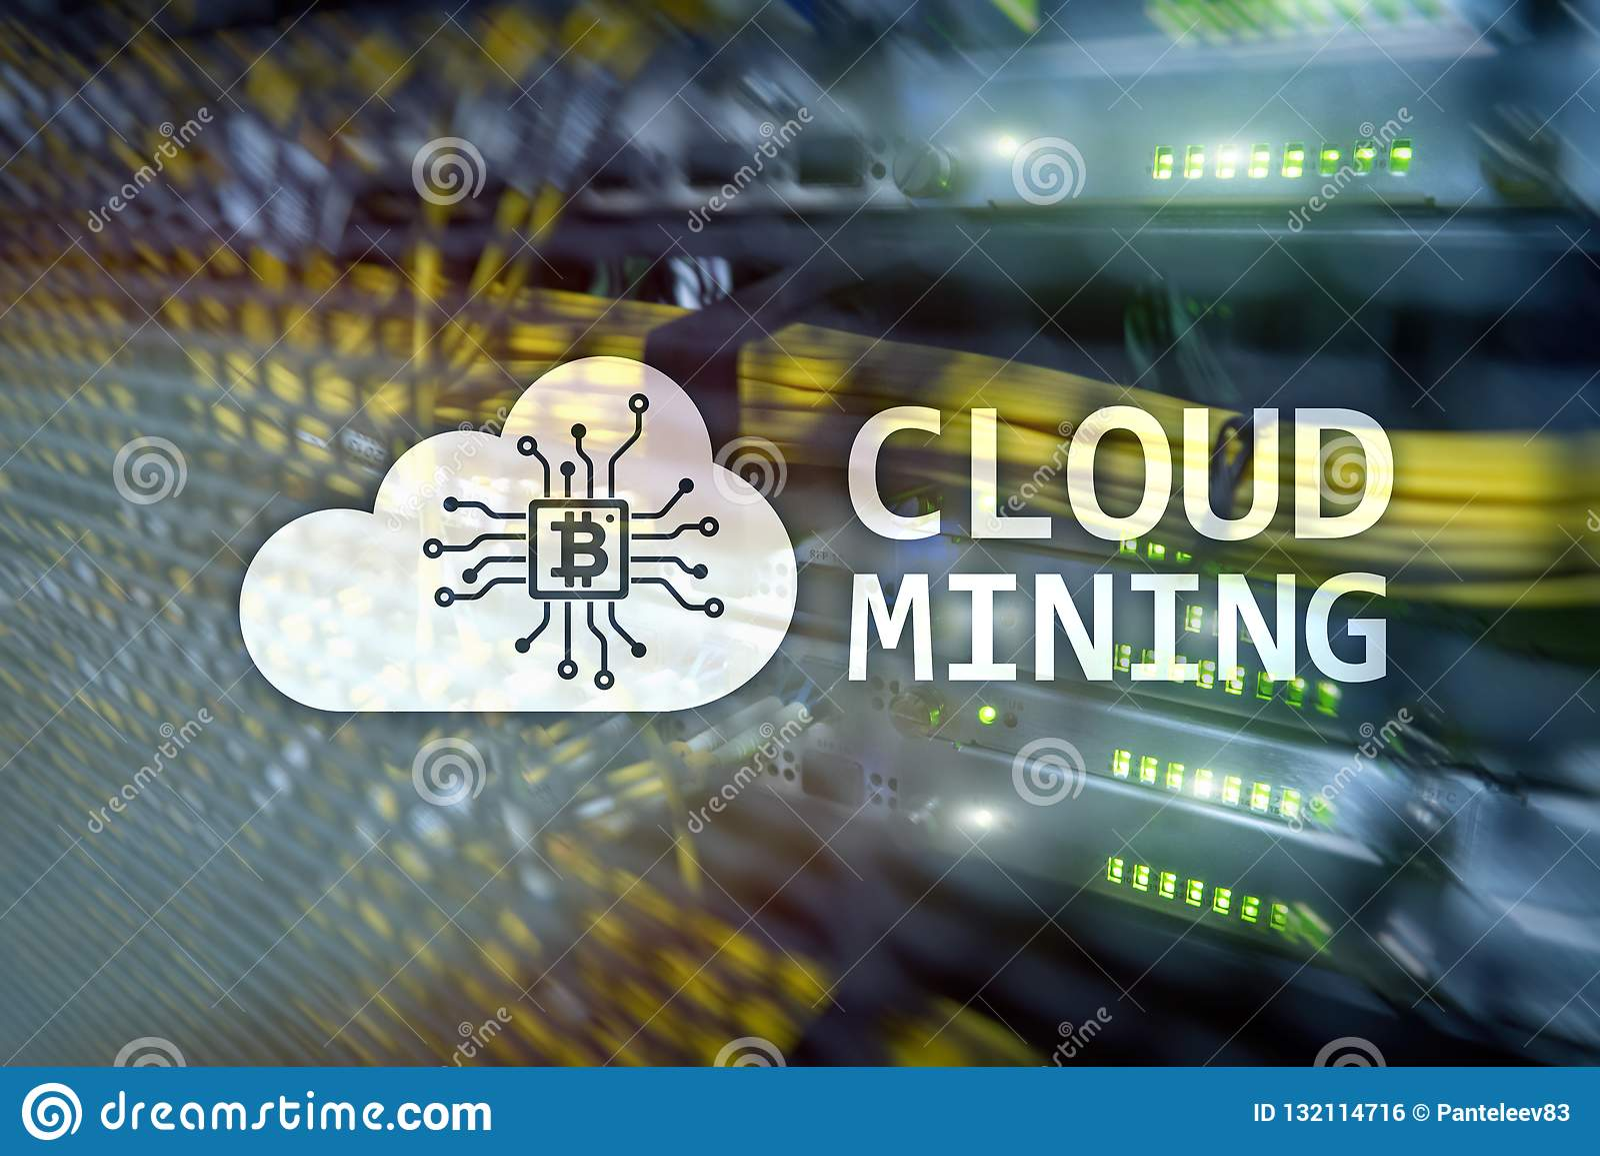 Υπολογισμός σύννεφων, στοιχεία ή cryptocurrency ( Bitcoin, Ethereum)  να εξαγάγει στο κέντρο δεδομένων Αίθουσα κεντρικών